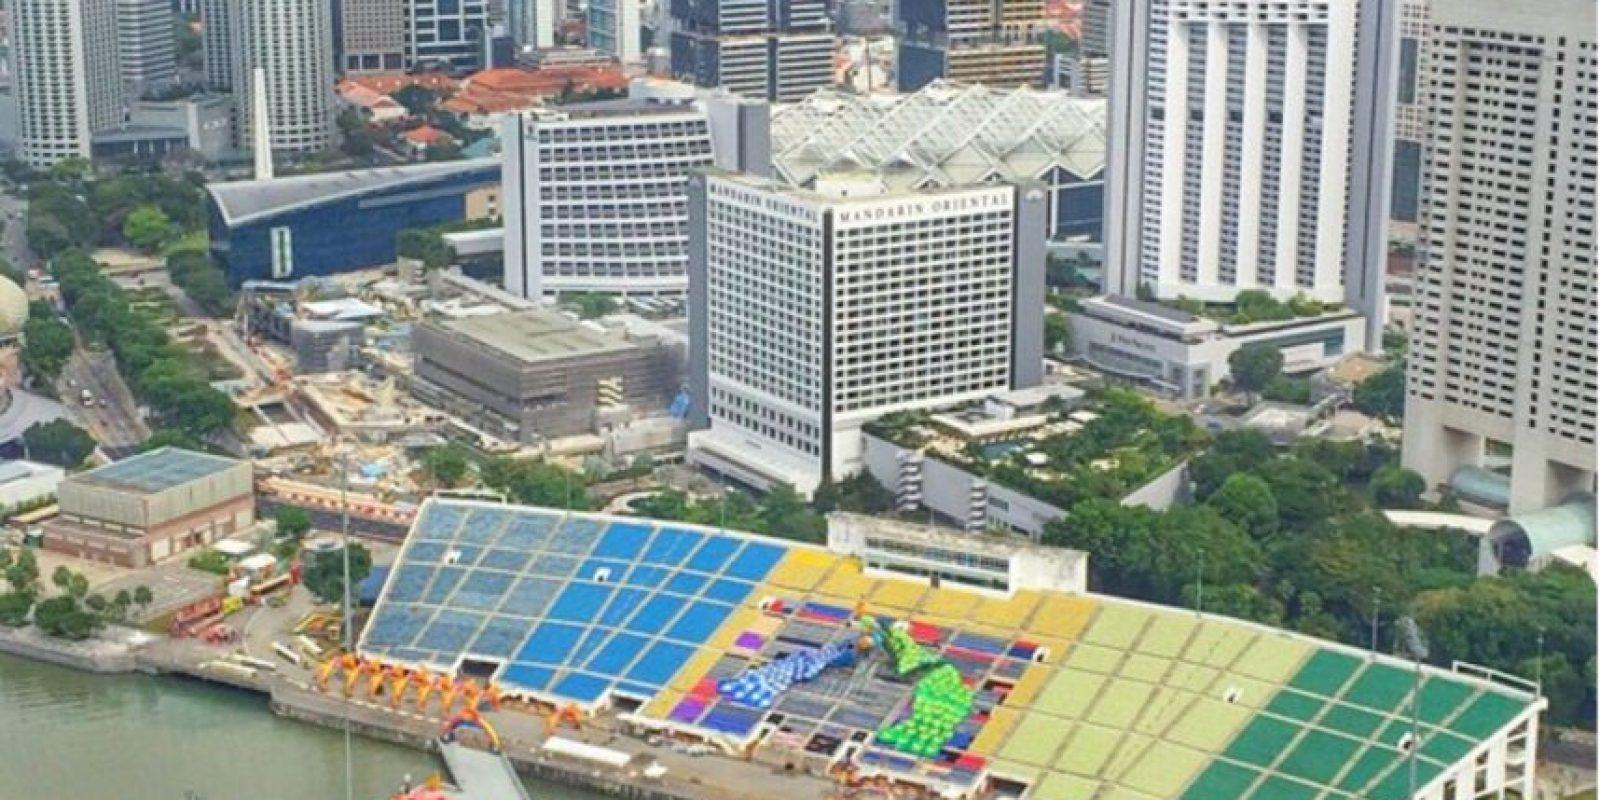 Estadio flotante en Marina Bay. El recinto de Singapur fue inaugurado en 2007 y salió al mundo por albergar los Juegos Olímpicos de la Juventud. Tiene un aforo de 30 mil espectadores Foto:Instagram Marina Bay